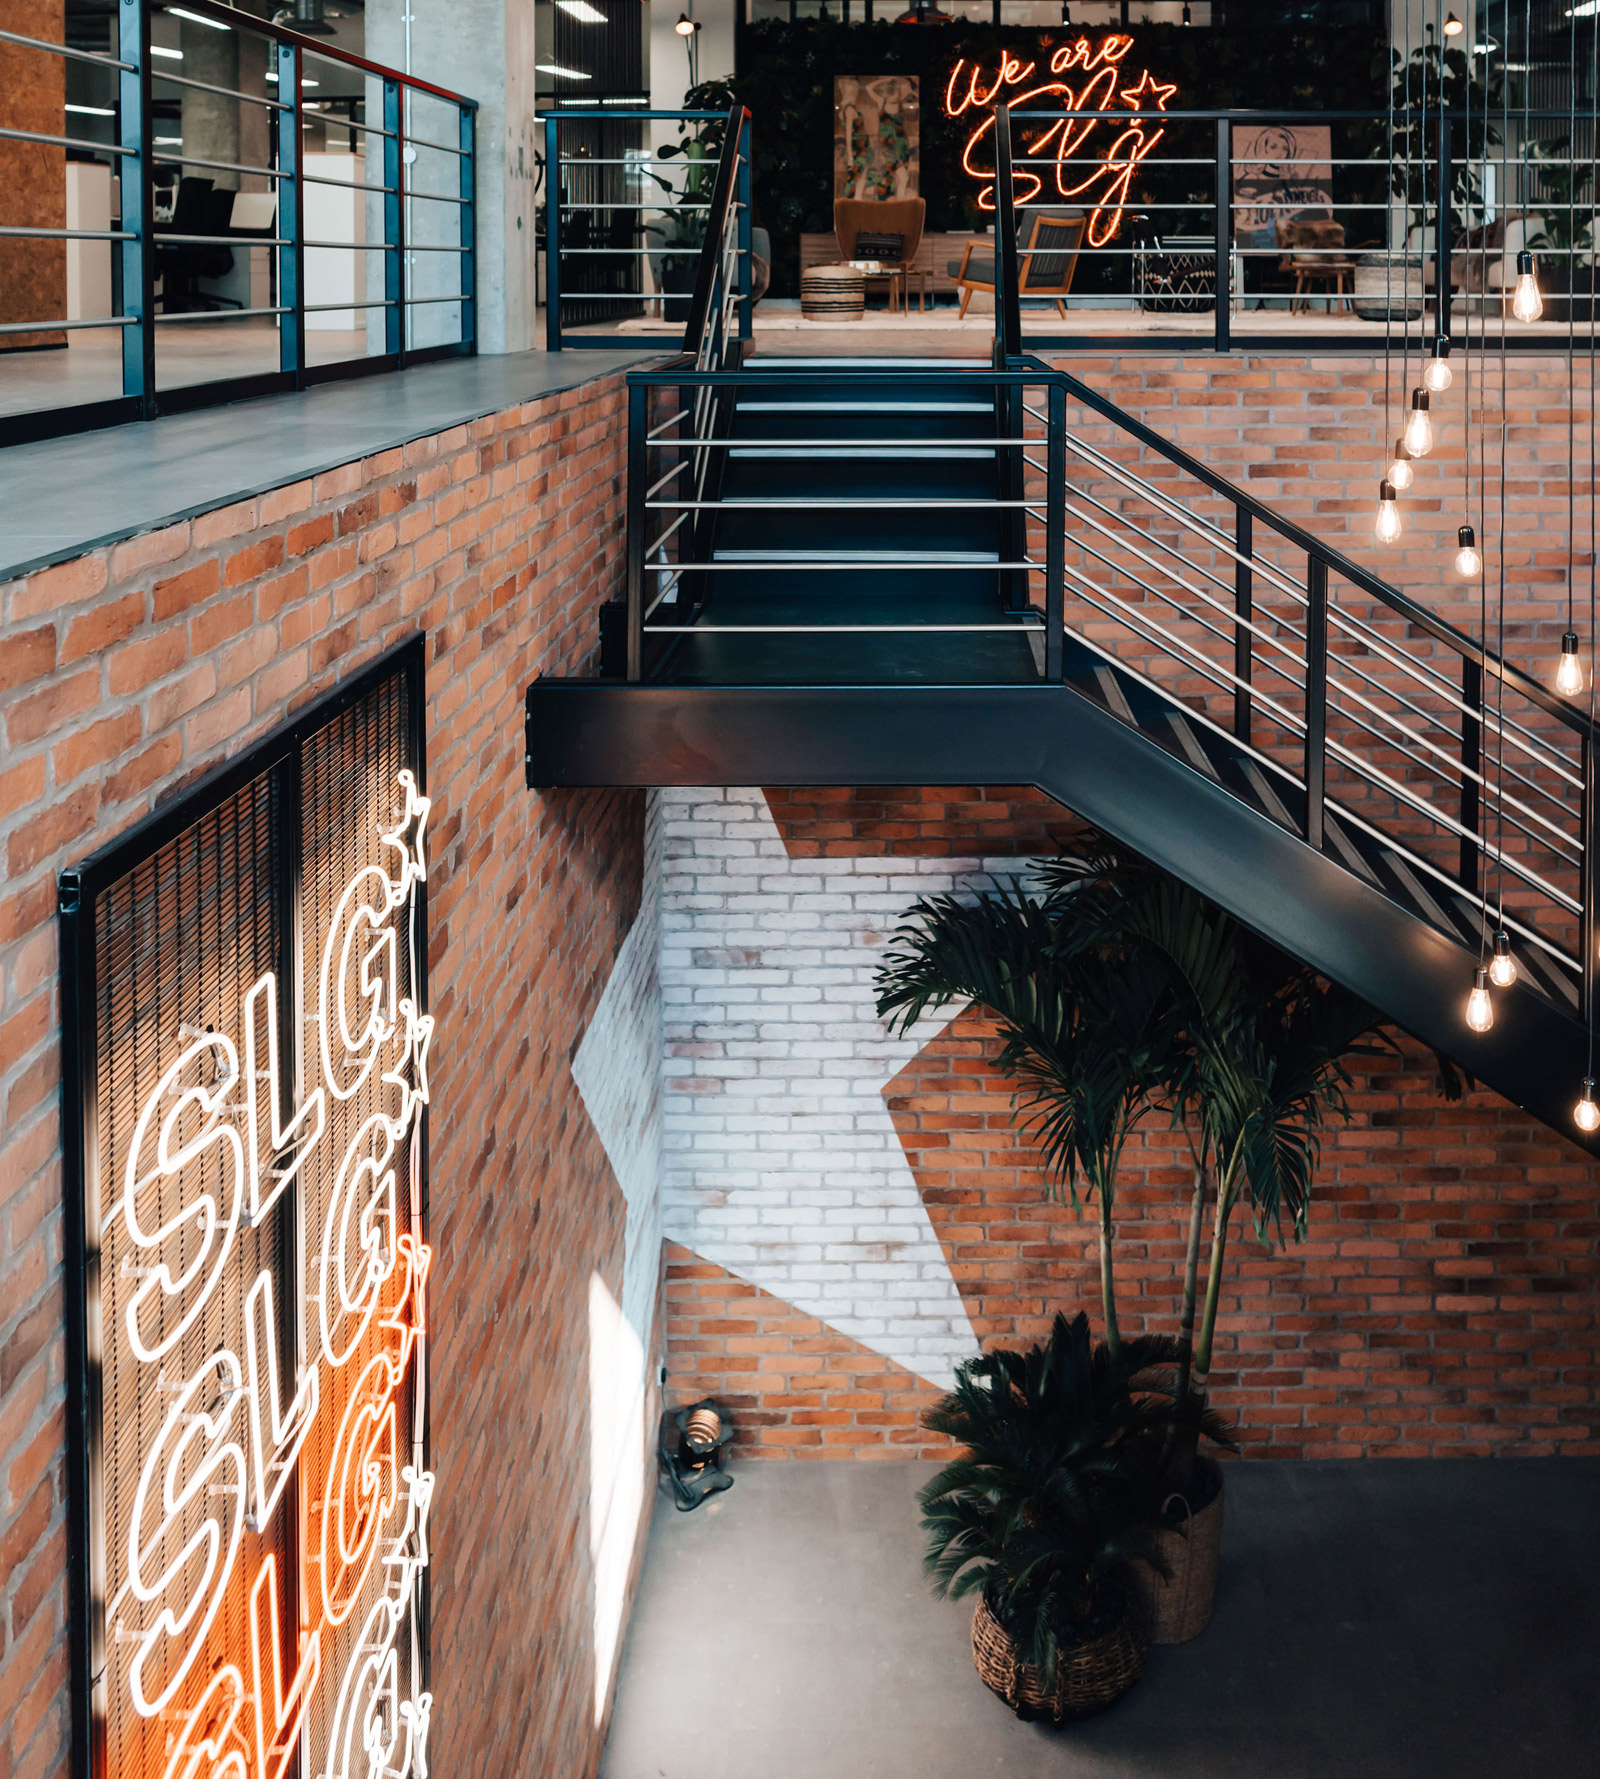 stairwell-branding-slg-brands-studio-19-cheltenham